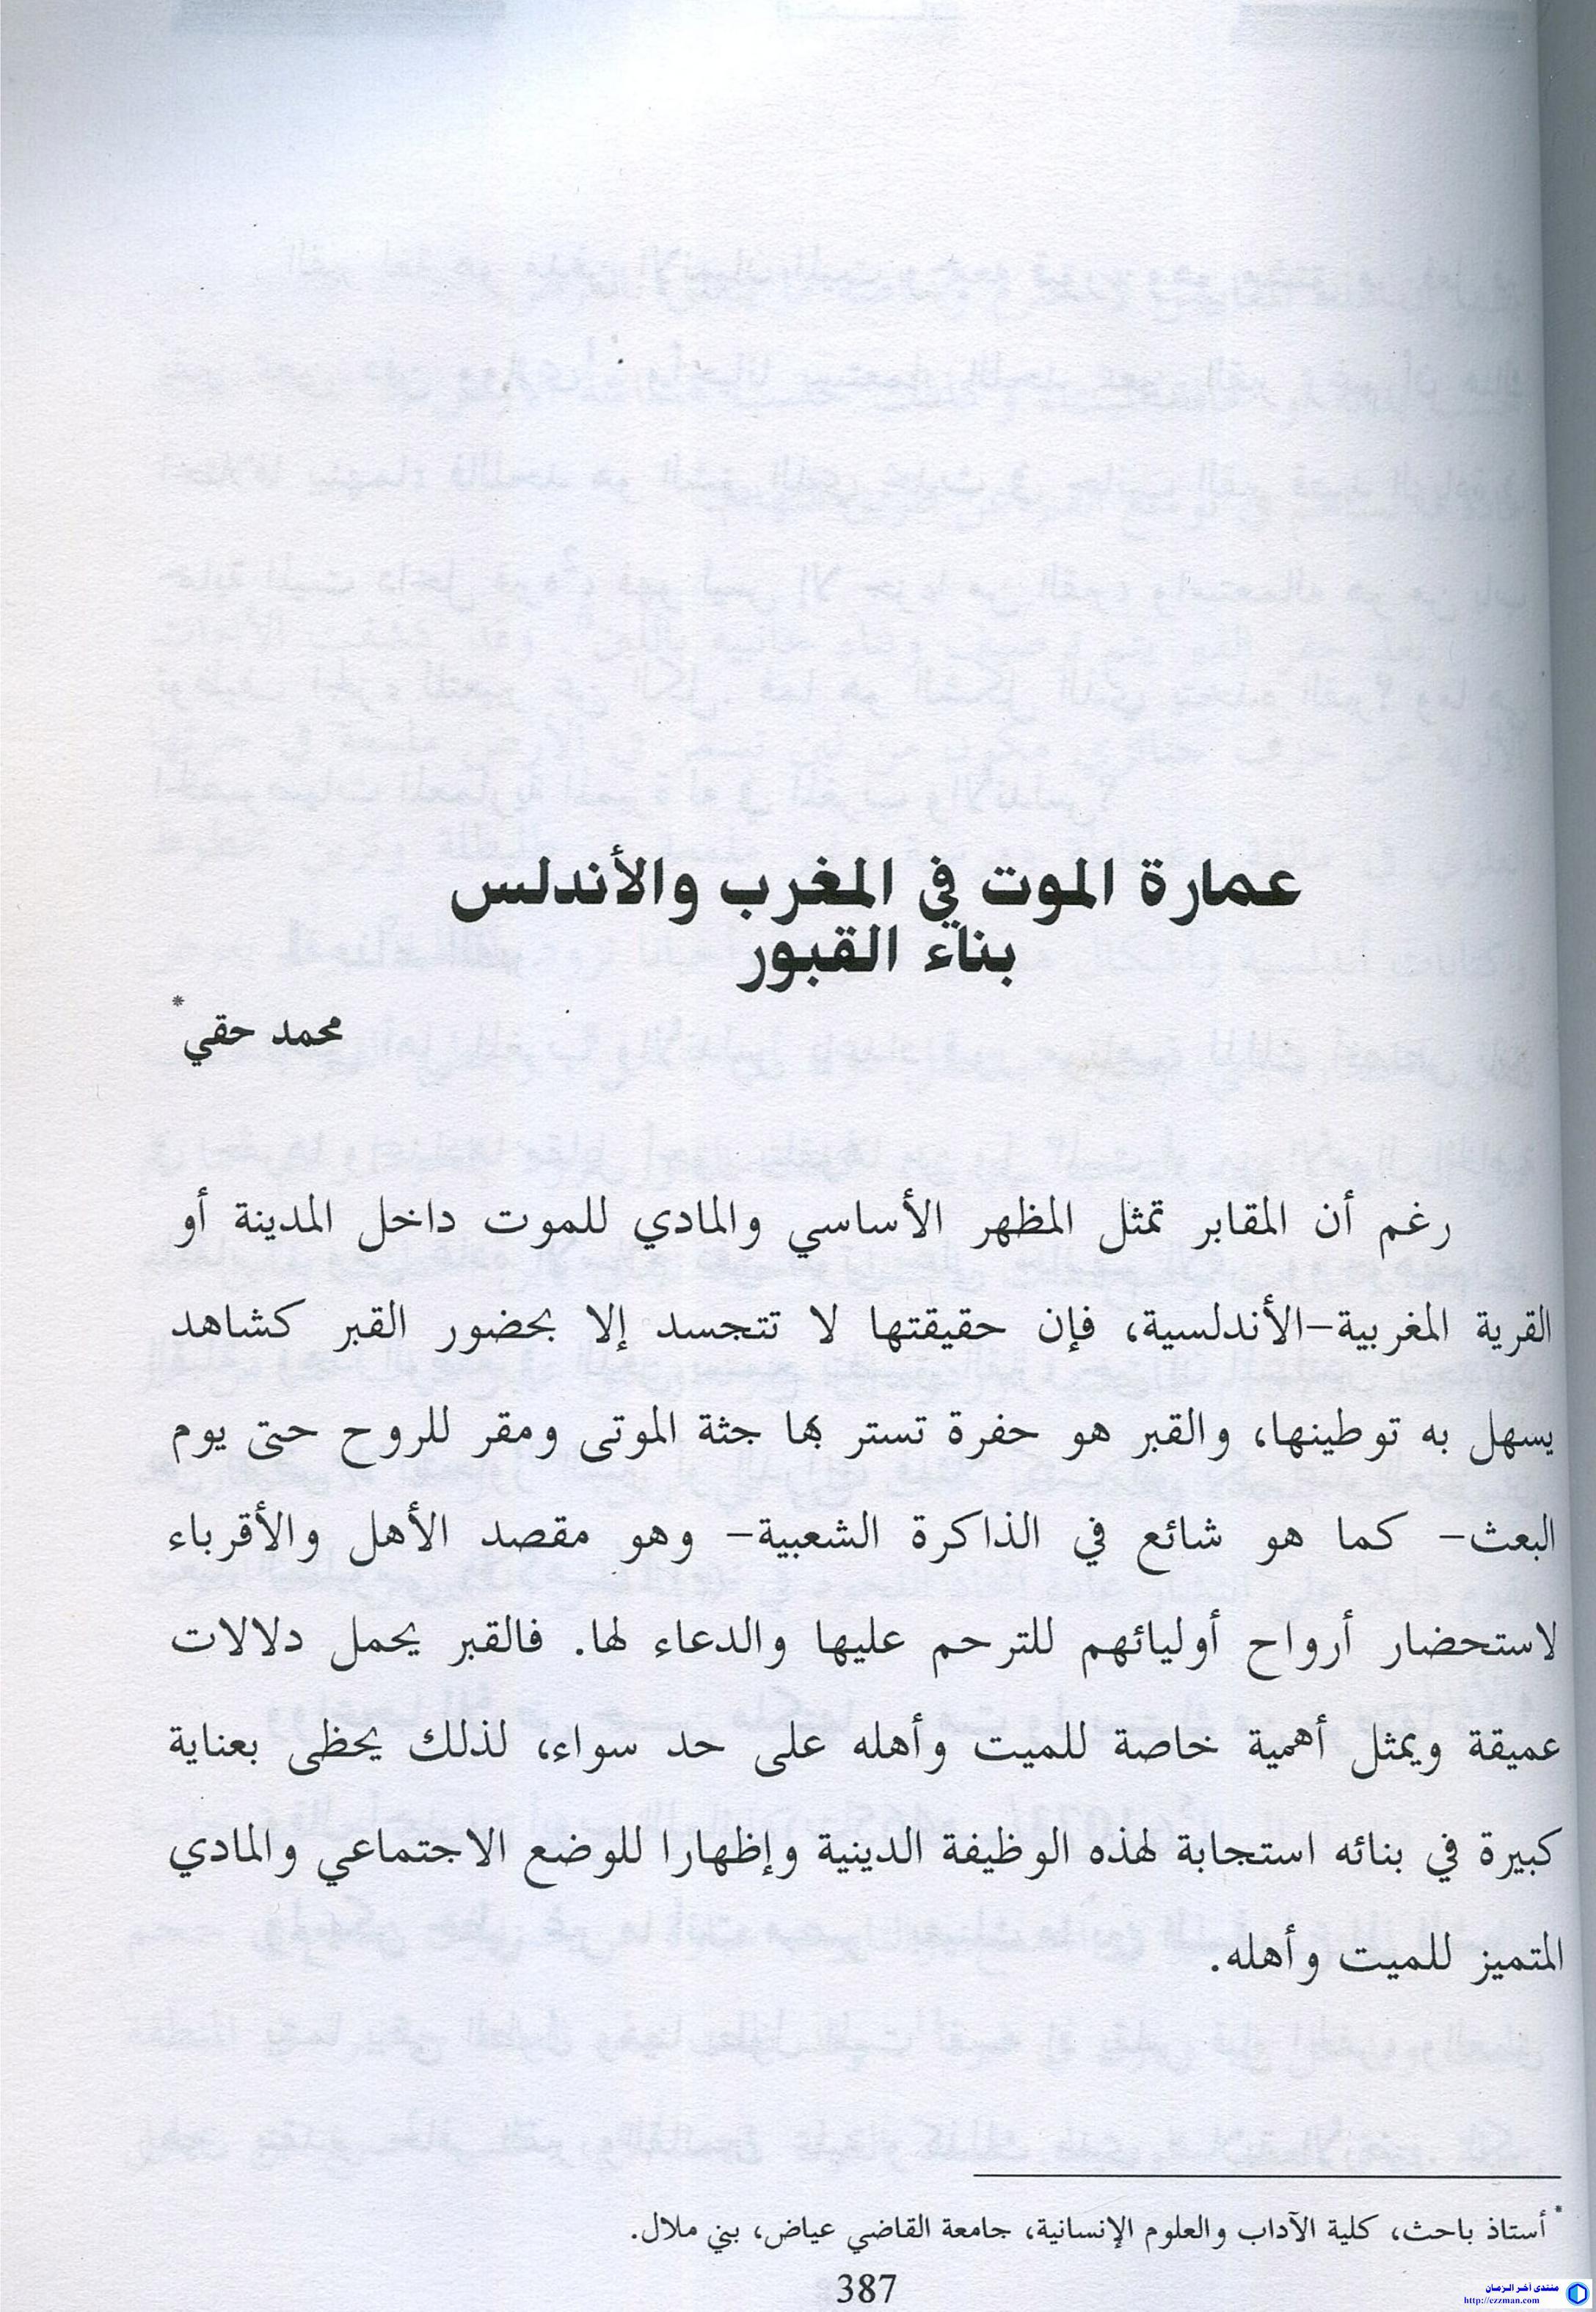 عمارة الموت بناء القبور بالمغرب